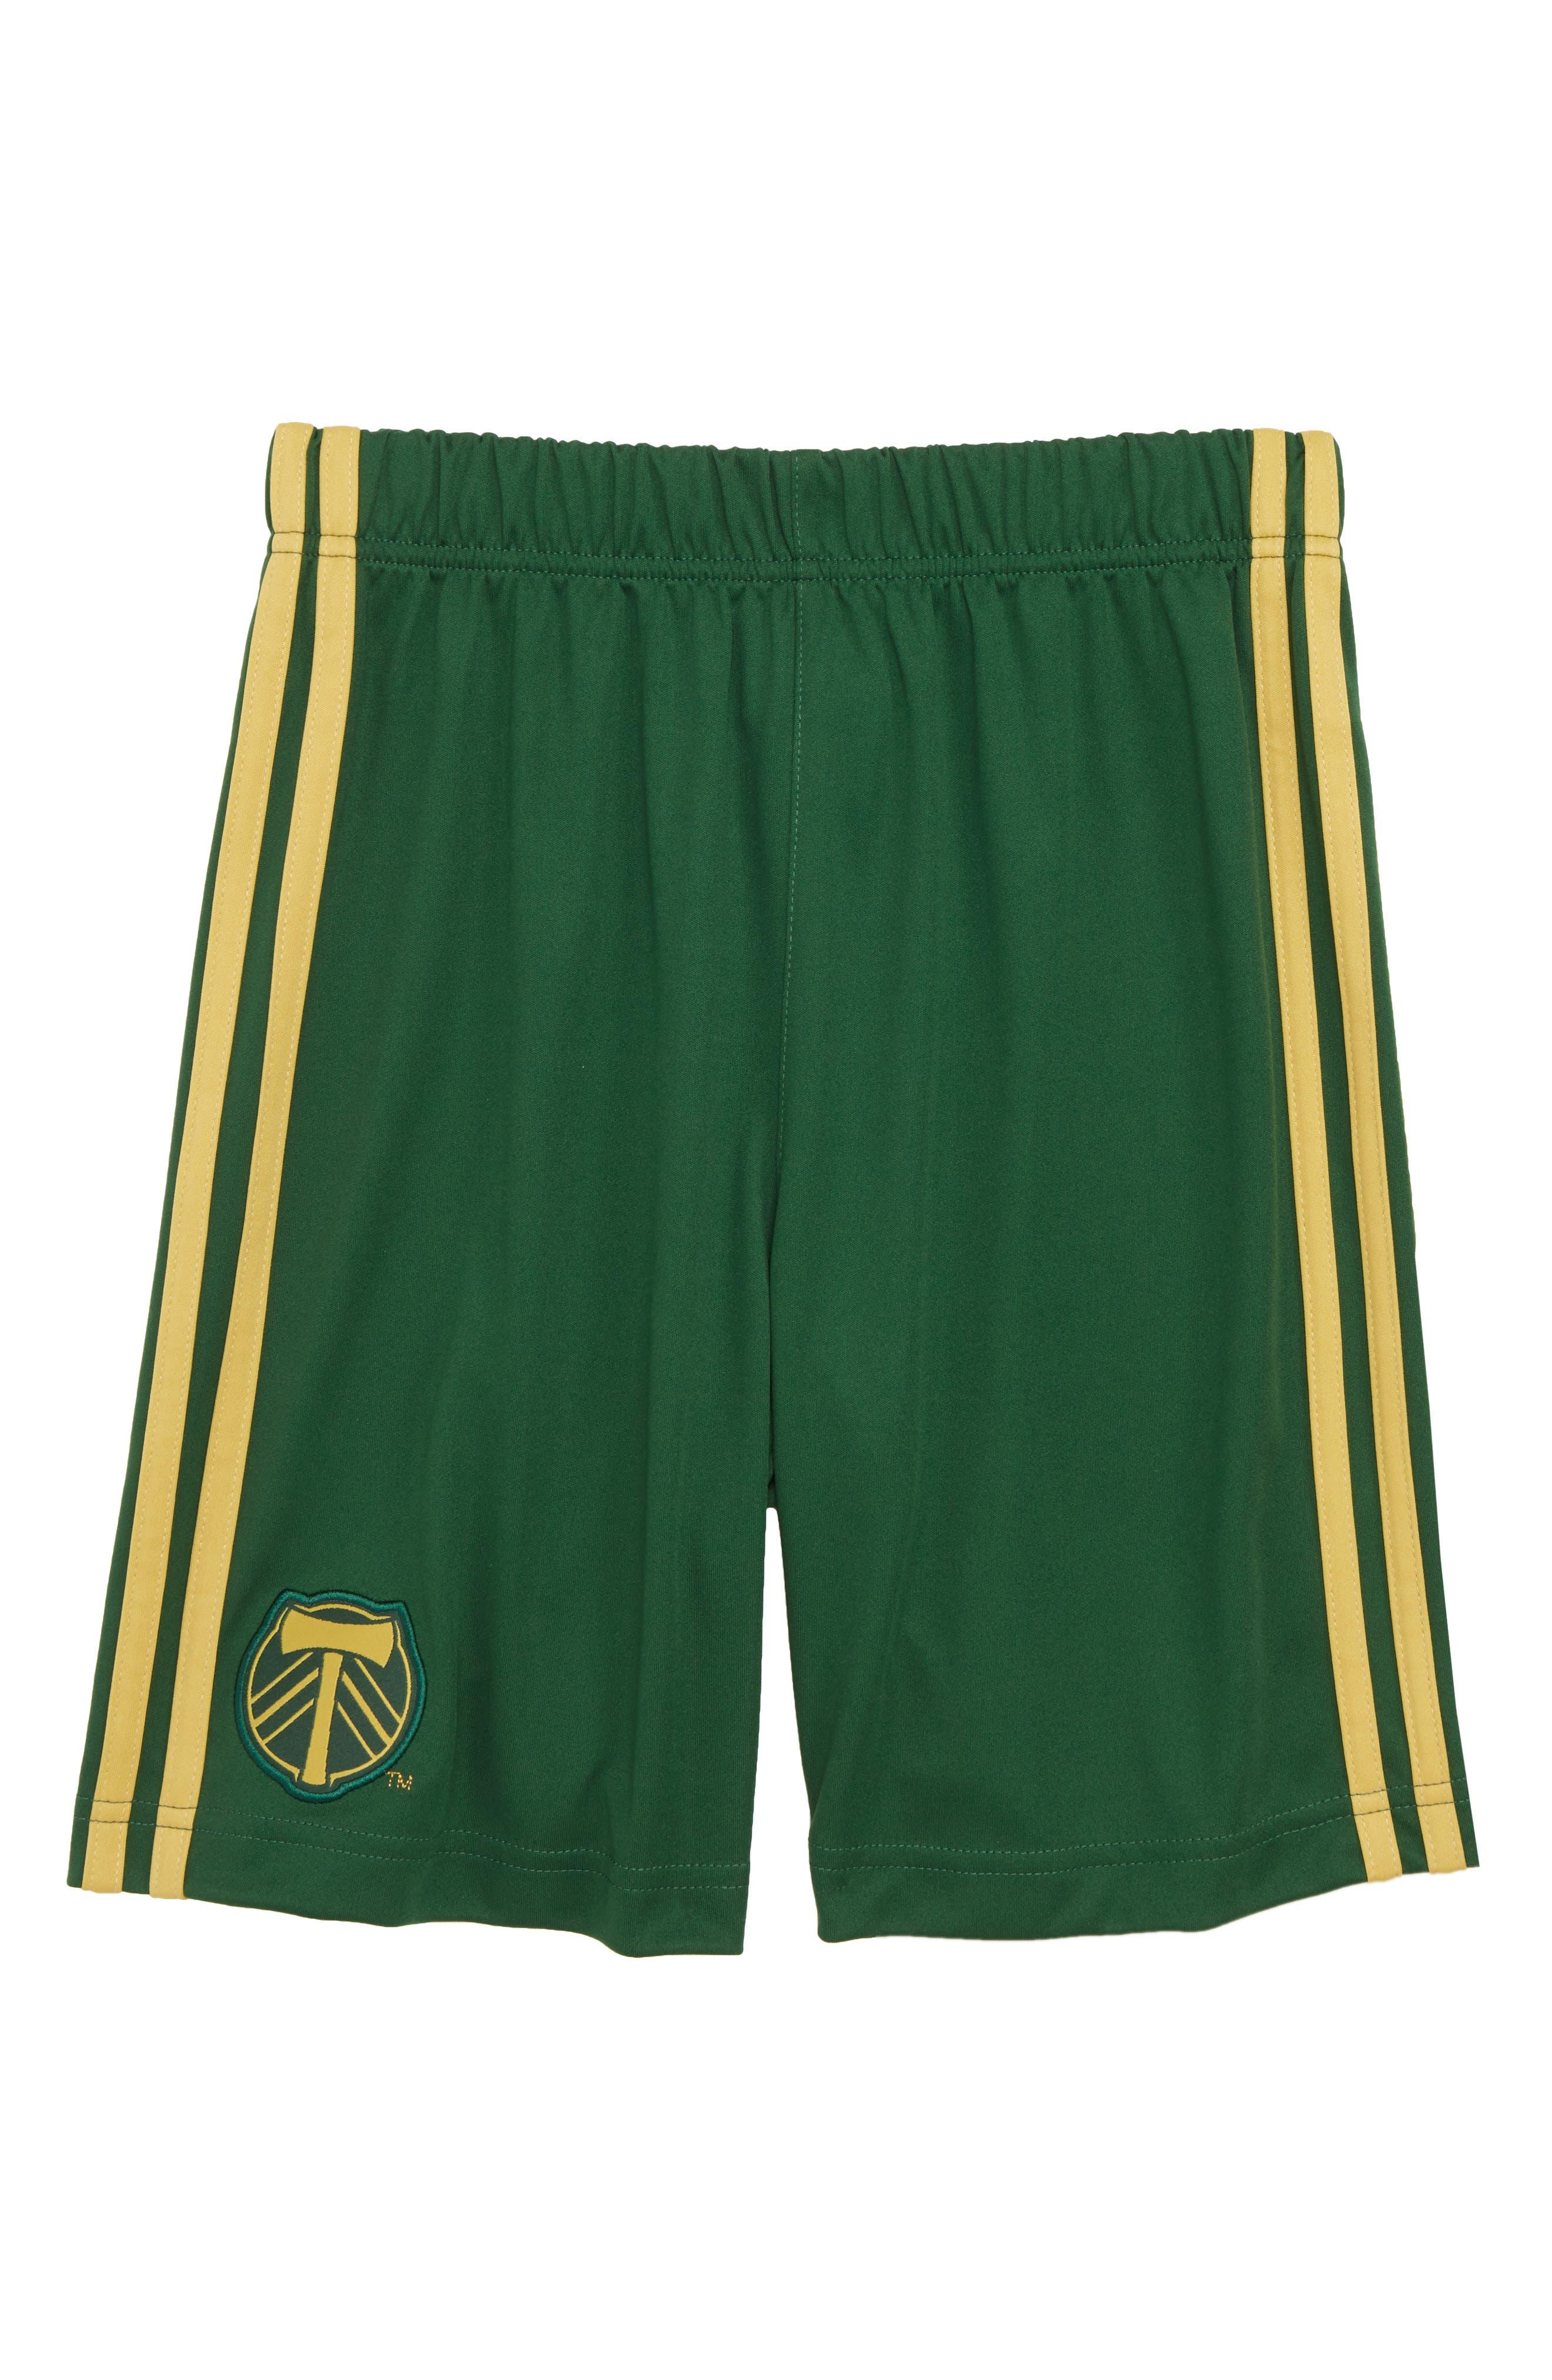 MLS Portland Timbers Shorts,                             Main thumbnail 1, color,                             300